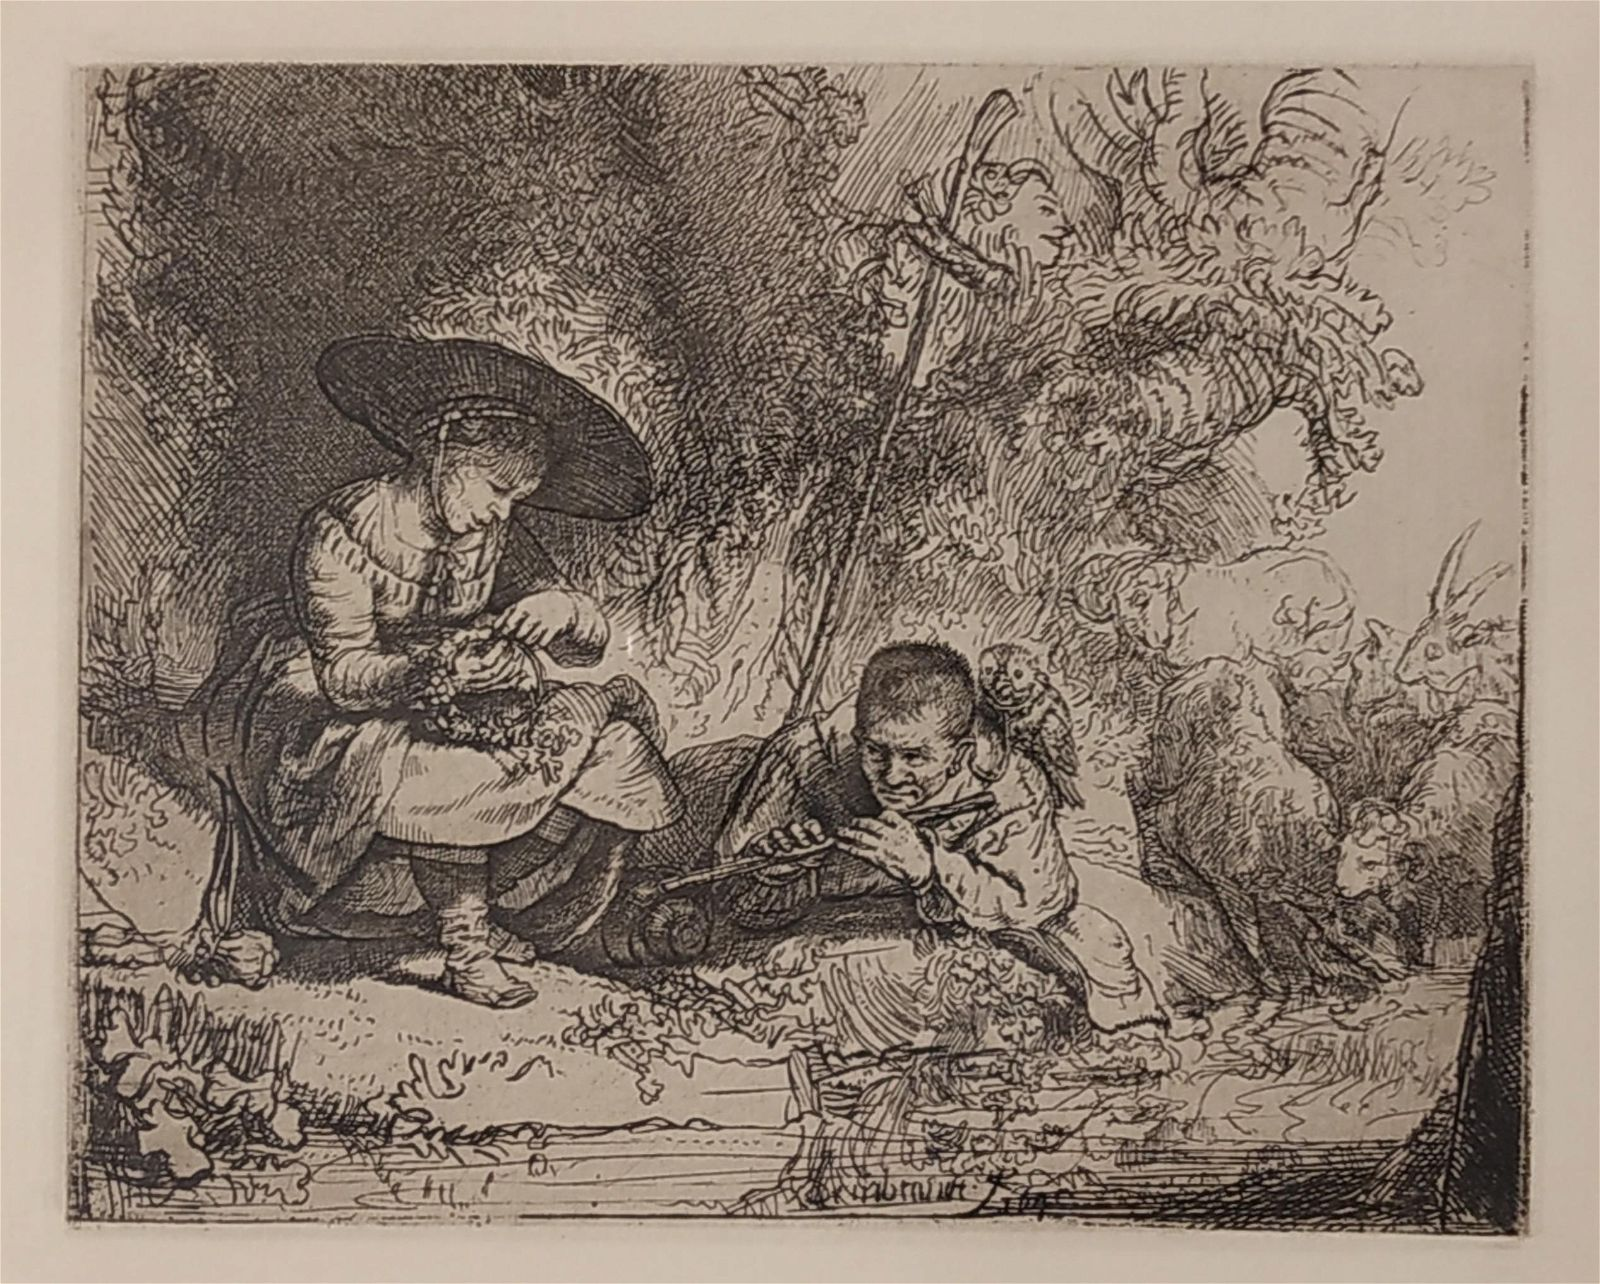 Rembrandt Harmenszoon van Rijn 1606-1669 (Dutch) The